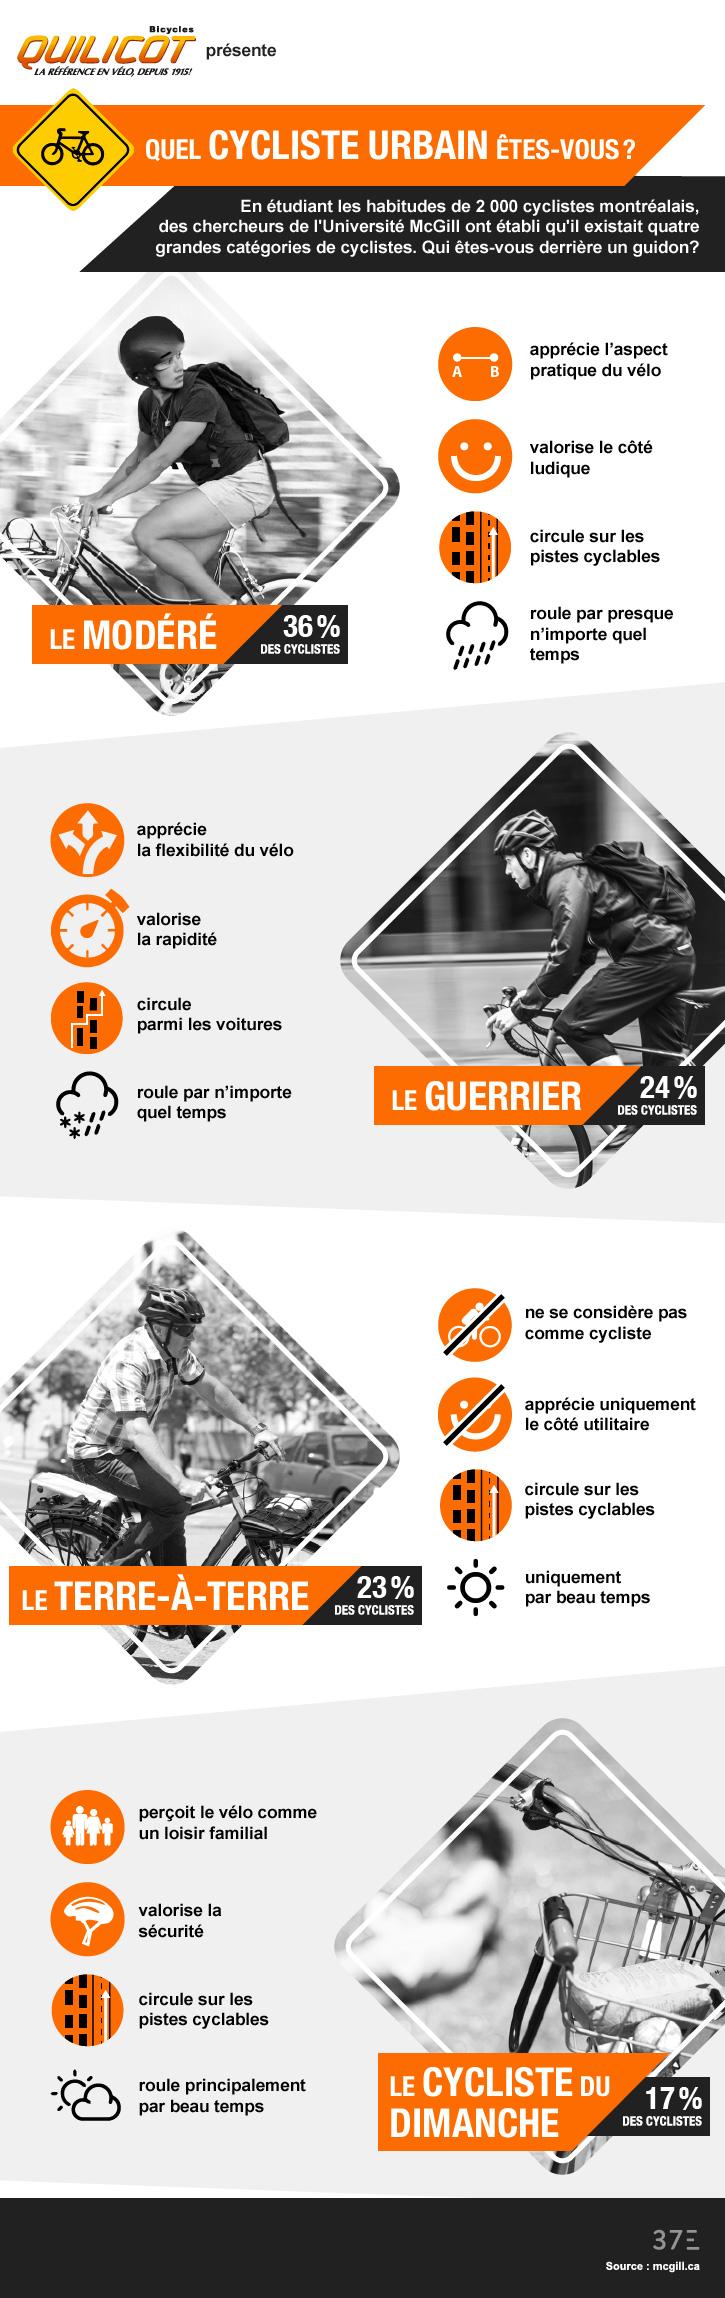 Infographie: Quel type de cycliste urbain êtes-vous?